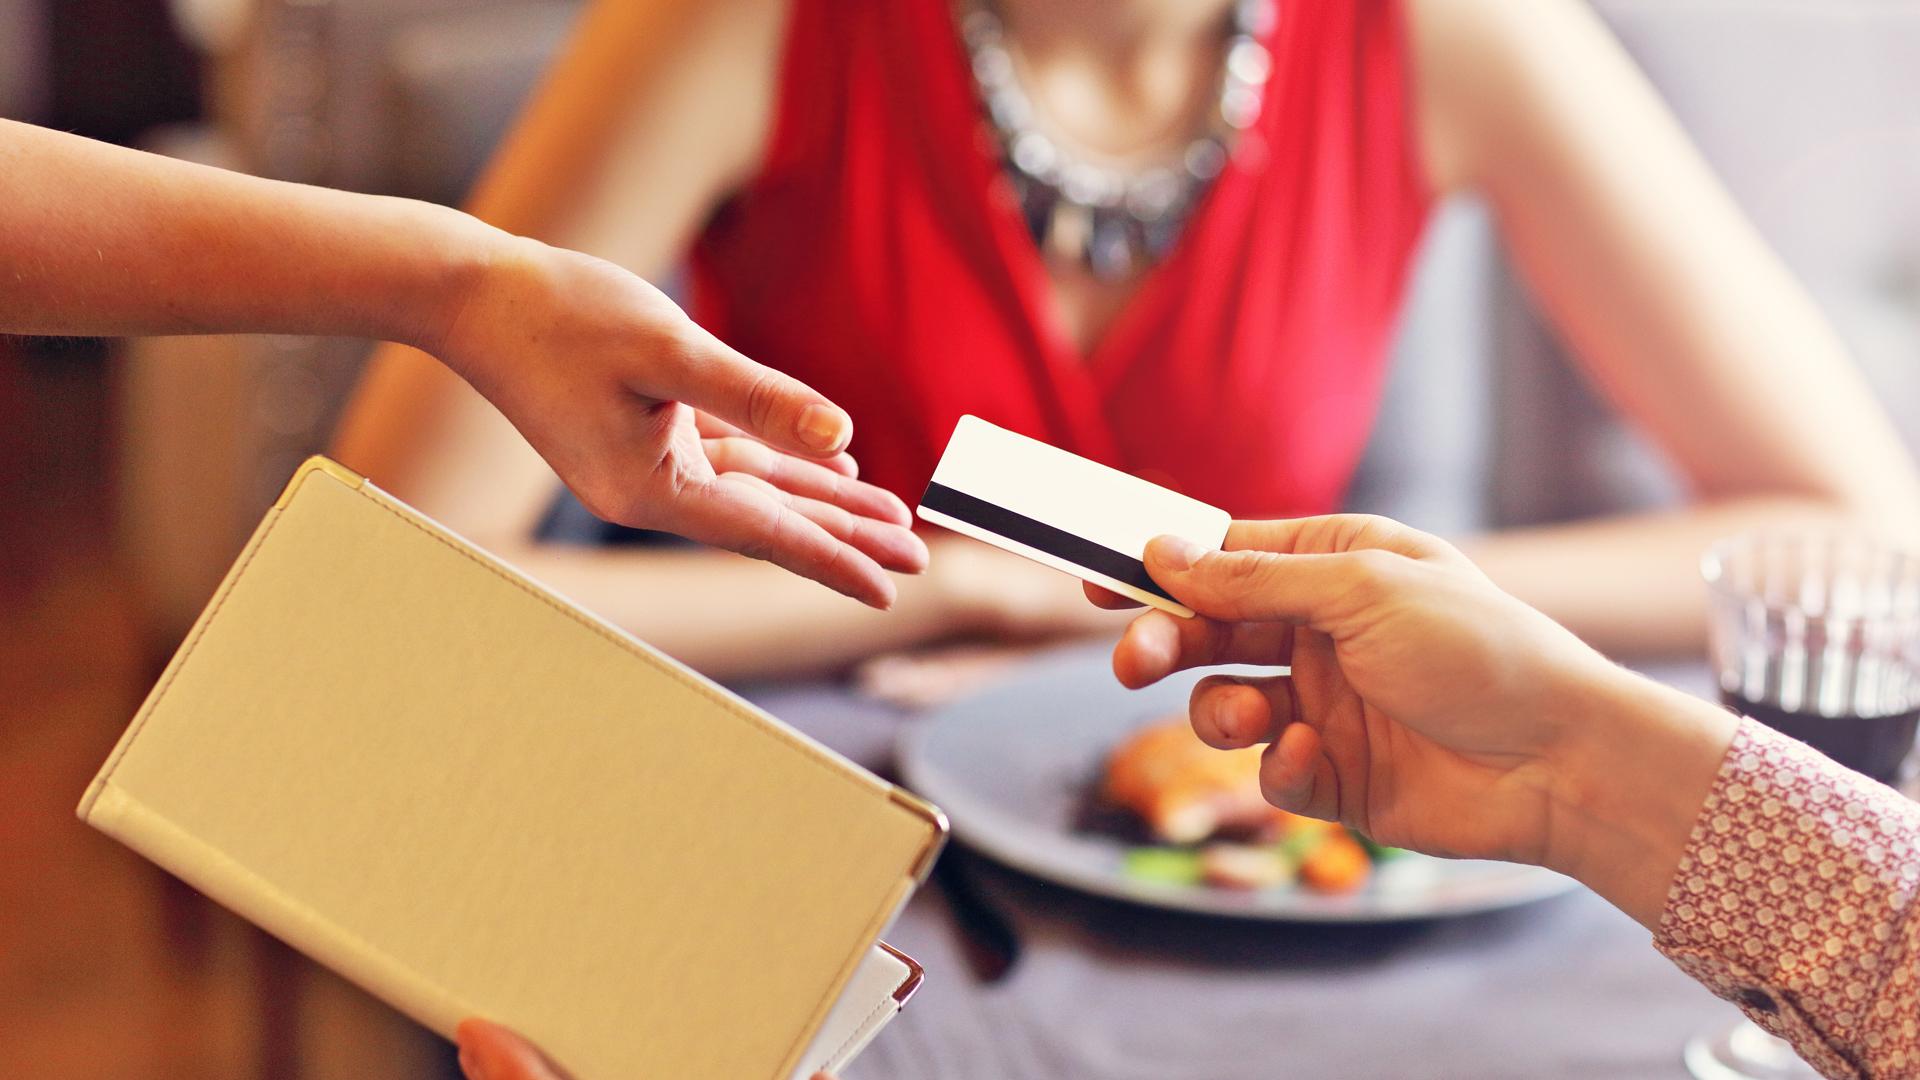 Está prohibido realizar un cargo extra si el comensal paga con tarjeta de débito